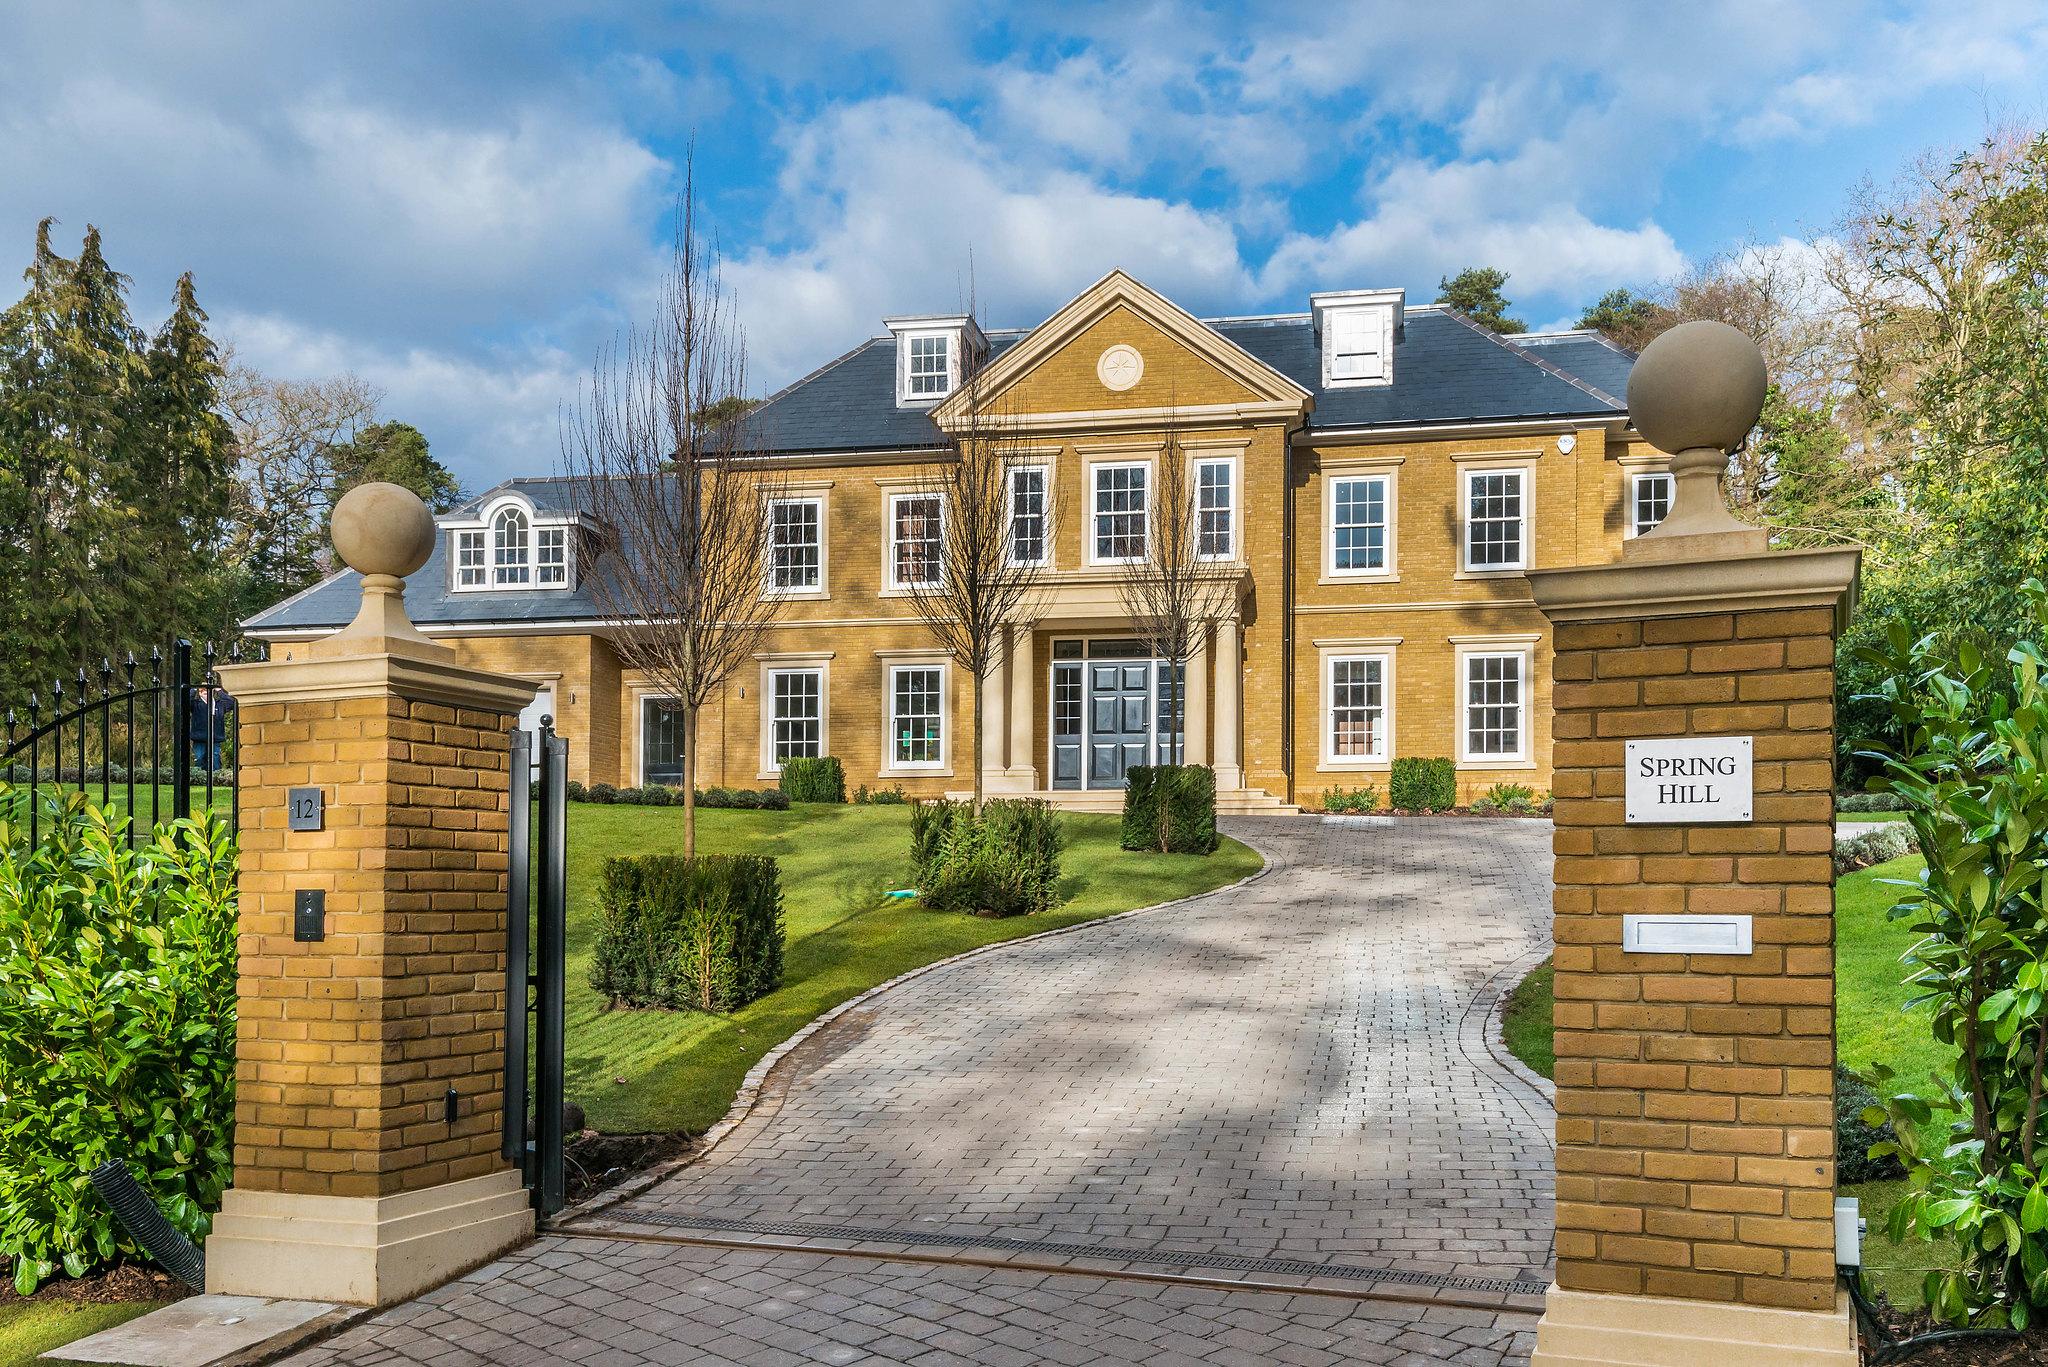 spring-hill-farnham-our-work-private-clients-ascot-design-view1.jpg